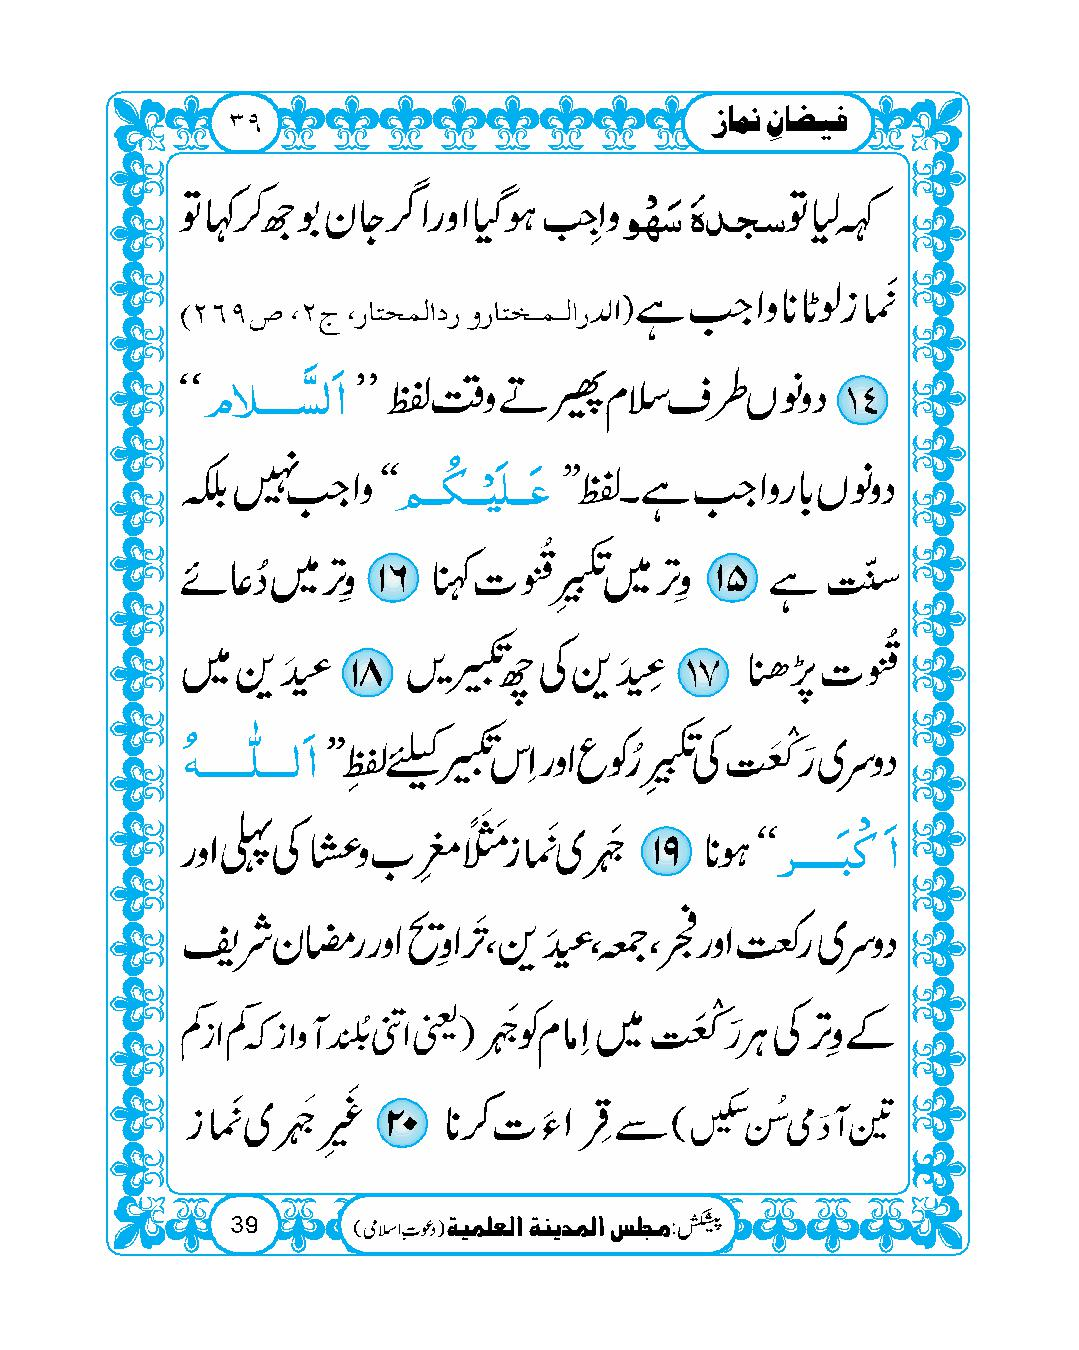 page No 39